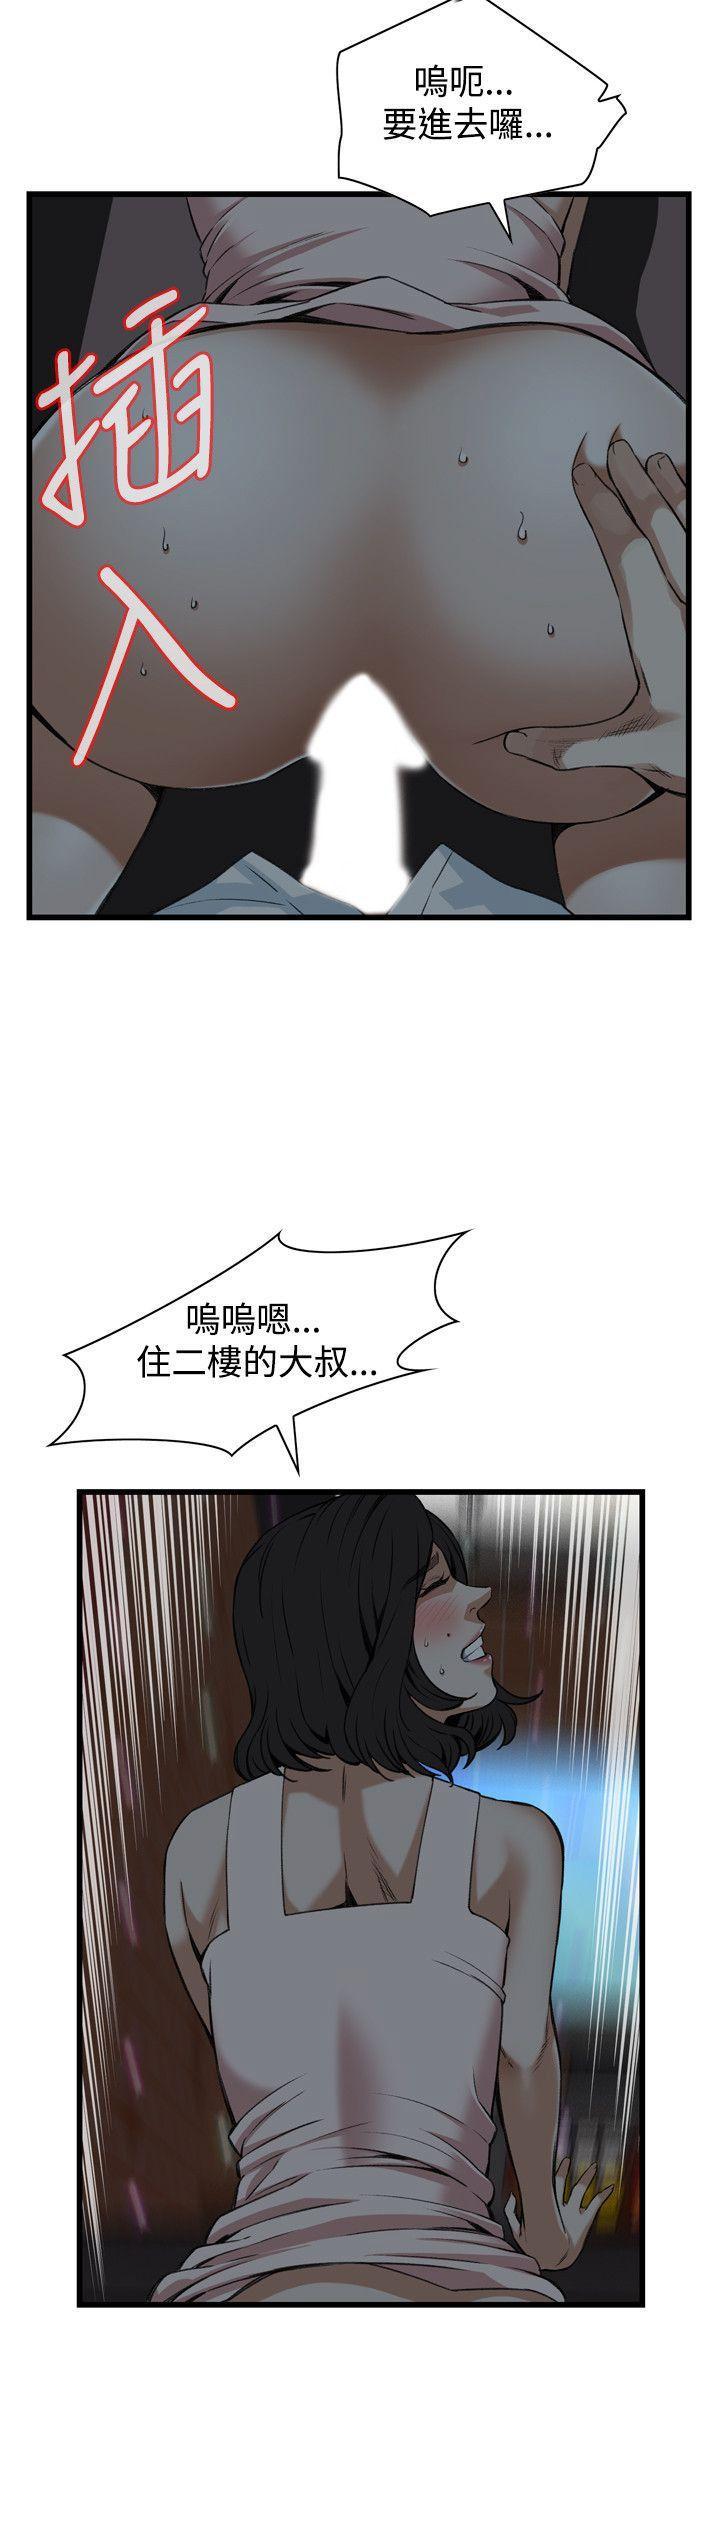 偷窥72-93 Chinese Rsiky 424